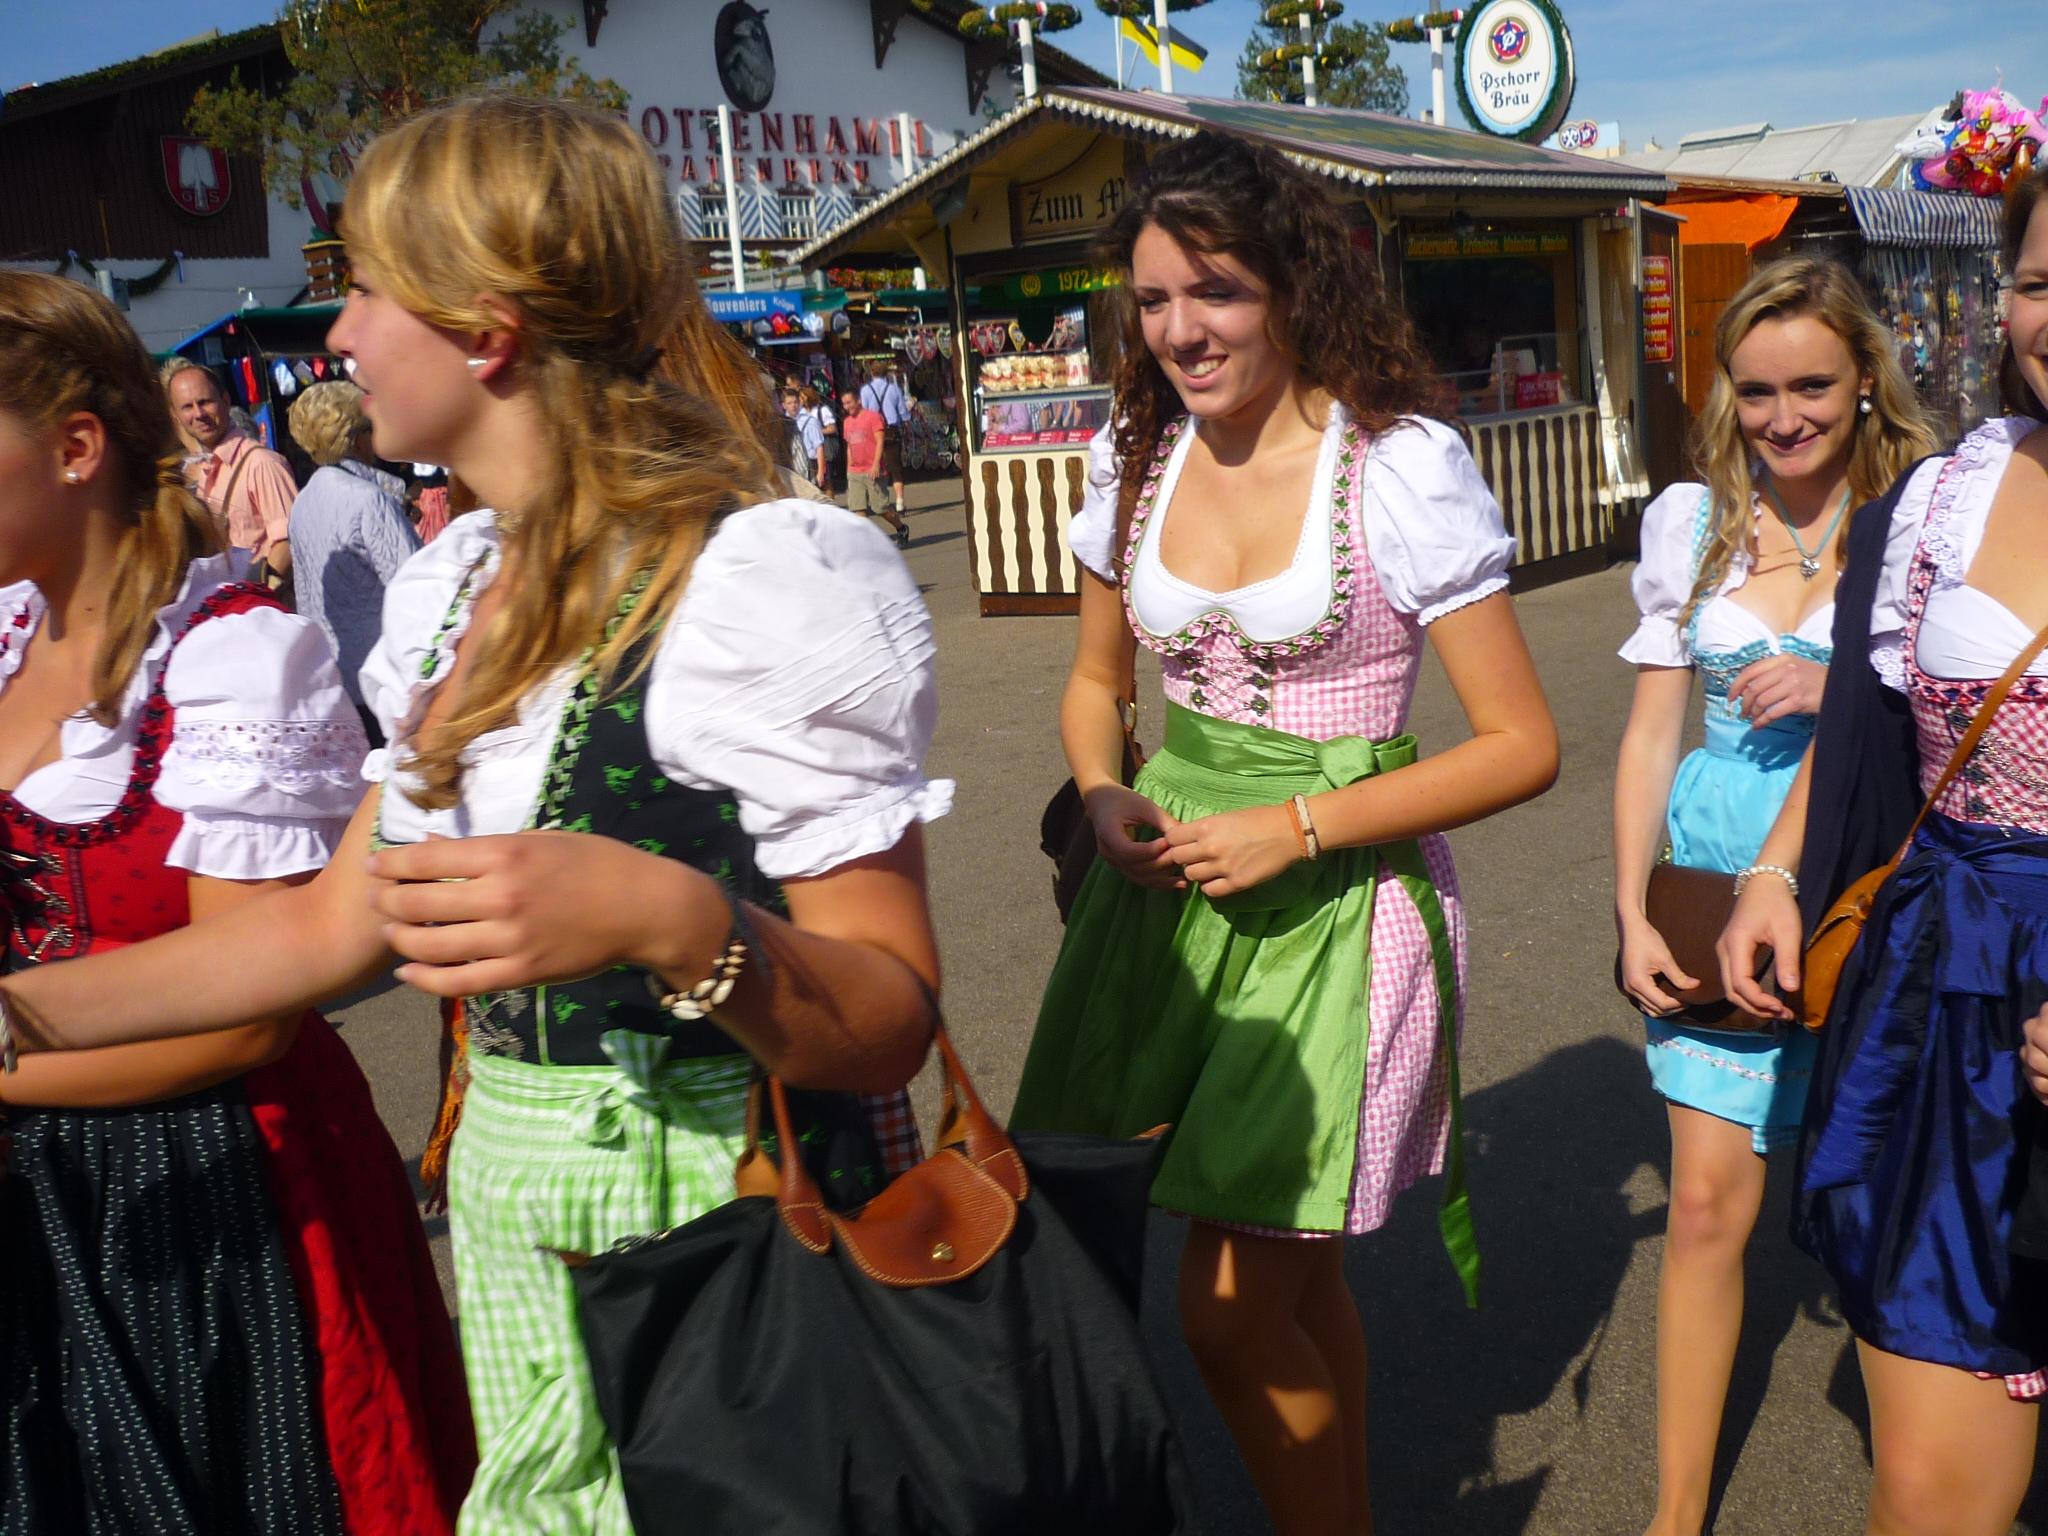 File:München, Oktoberfest 2012 (04).JPG - Wikimedia Commons